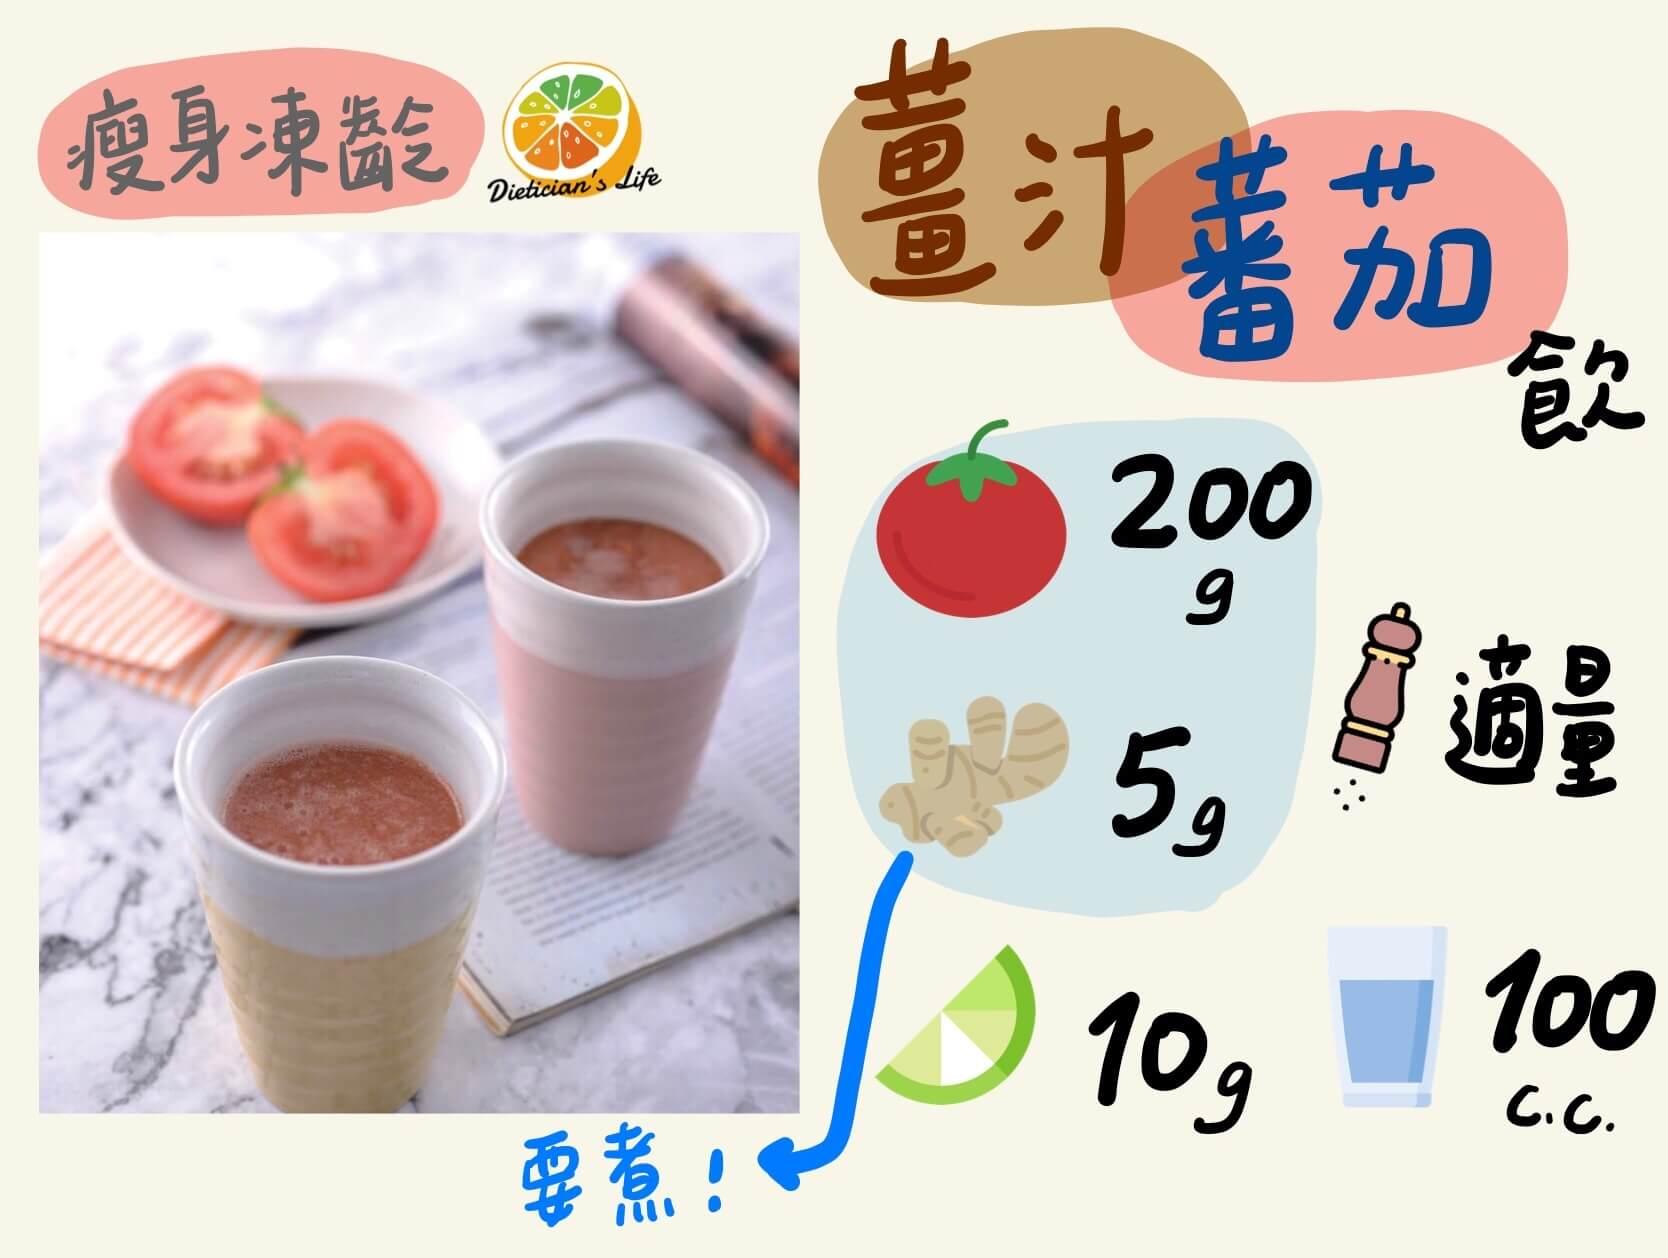 薑汁番茄飲